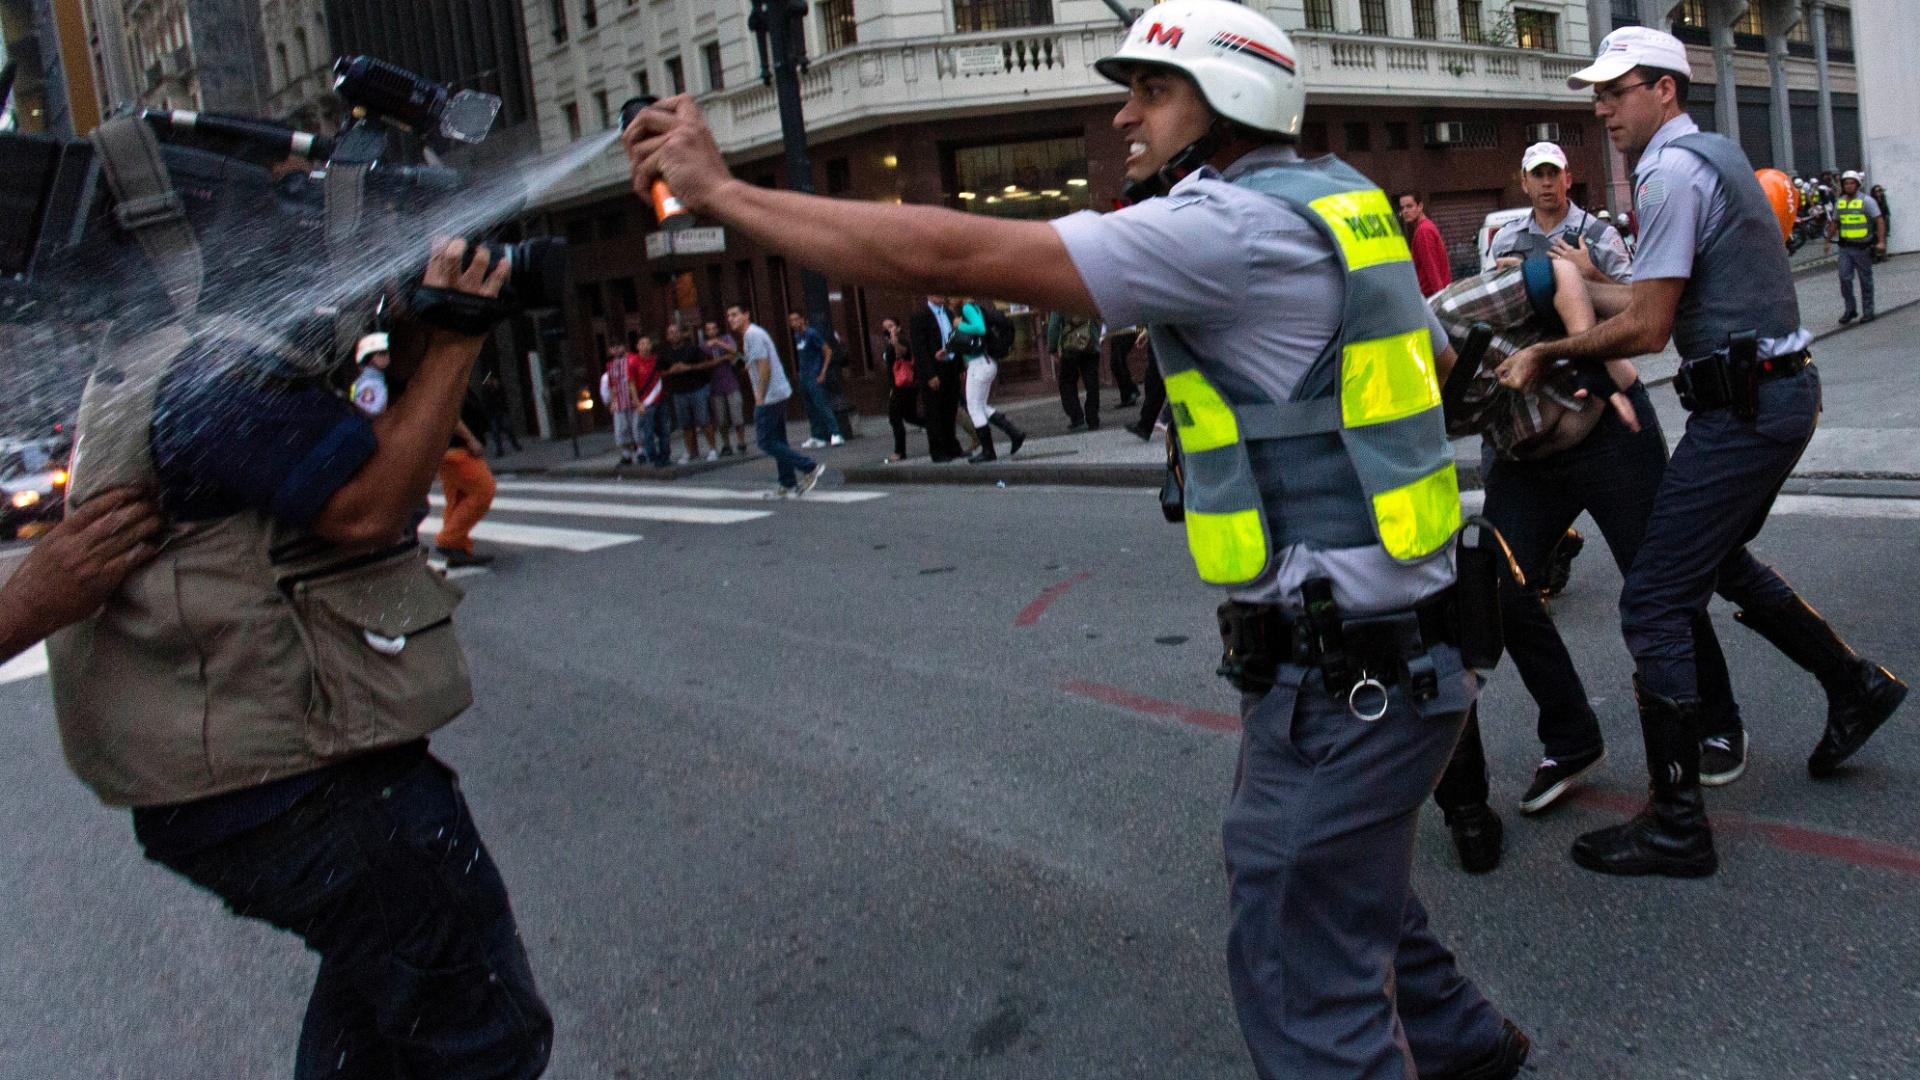 Protesto em SP: Alckmin demonstra vontade de reprimir, e Haddad erra ao atribuir violência a movimento